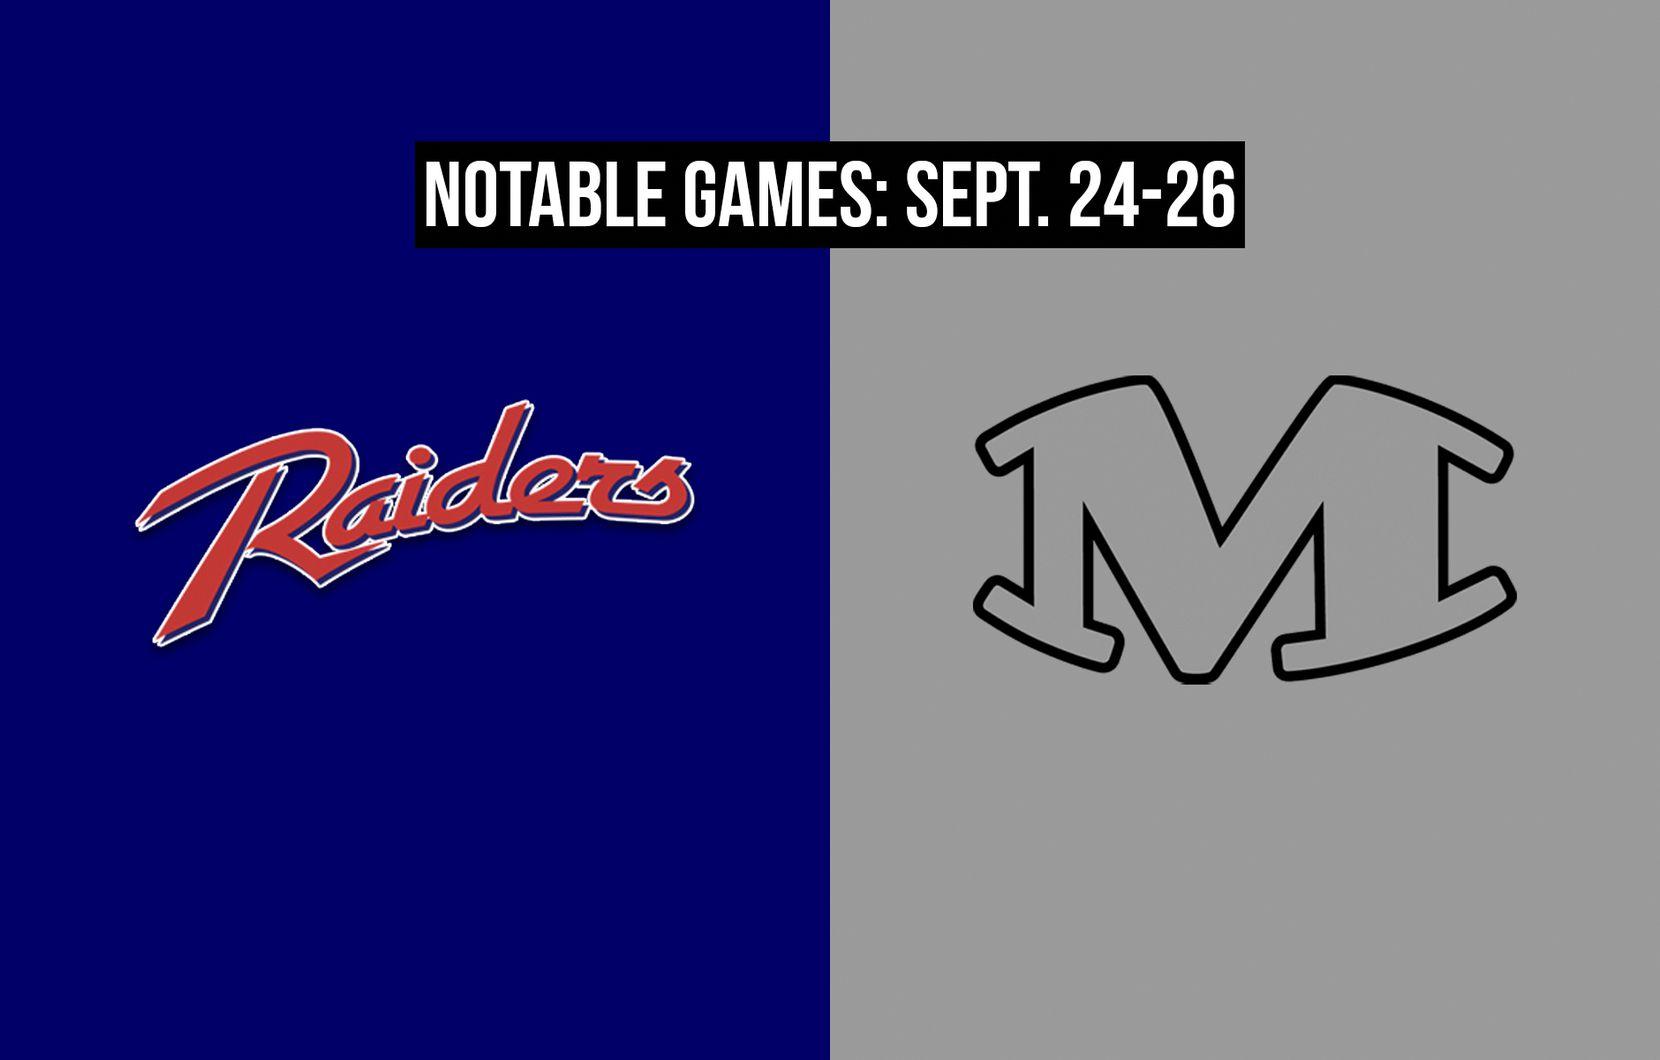 Notable games for the week of Sept. 24-26 of the 2020 season: Denton Ryan vs. Arlington Martin.